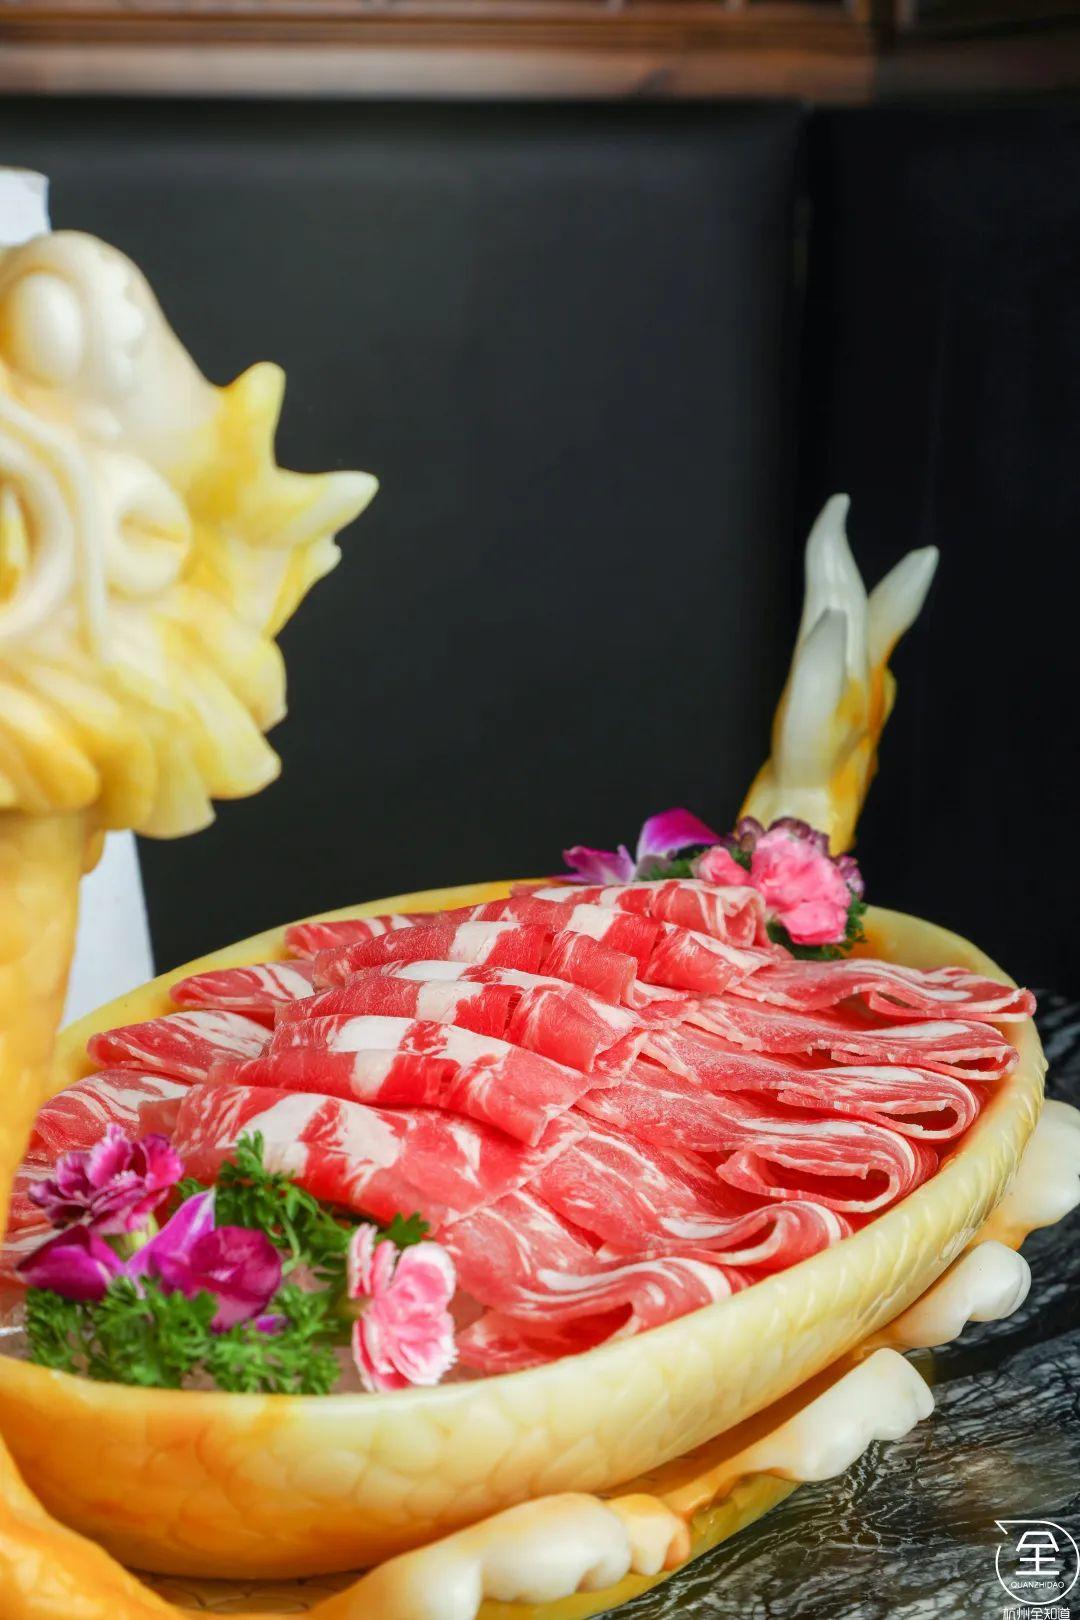 1200㎡超大神仙火锅店!霸气豪横、复古轻奢,开启夏季养生火锅新潮流!(图19)